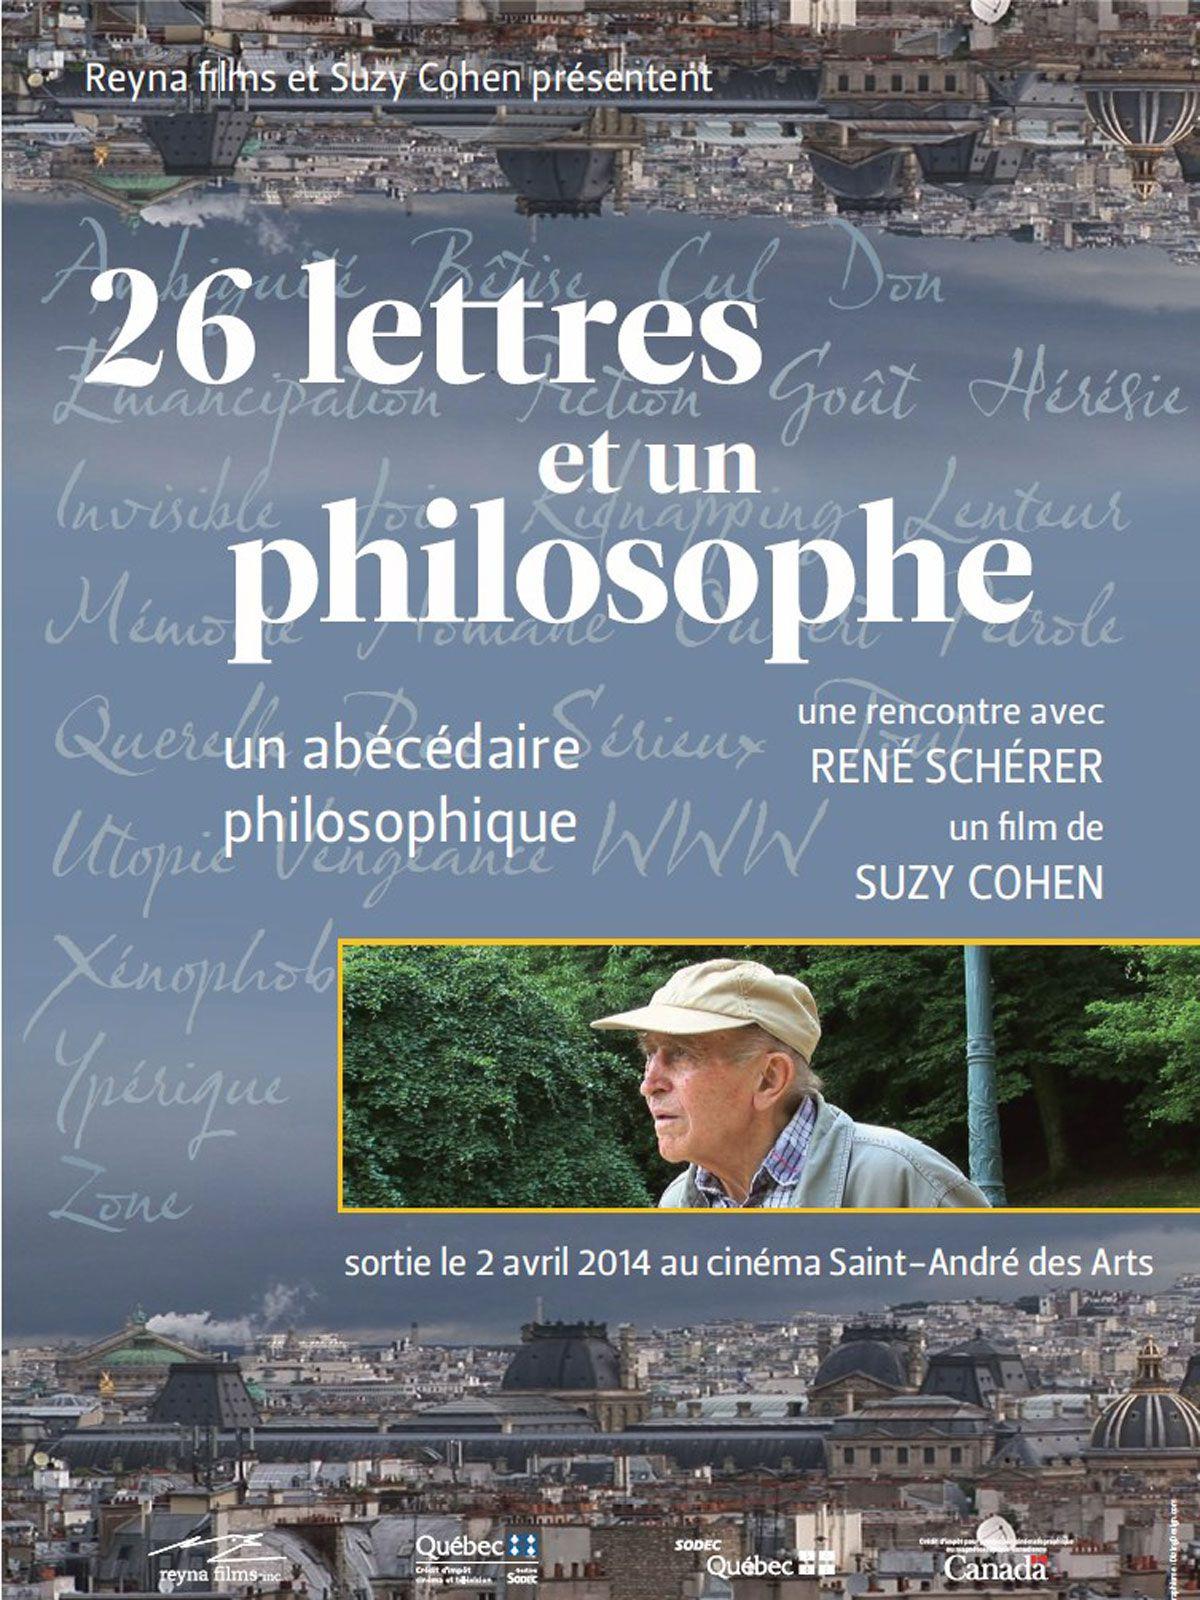 26 lettres et un philosophe - Documentaire (2012)